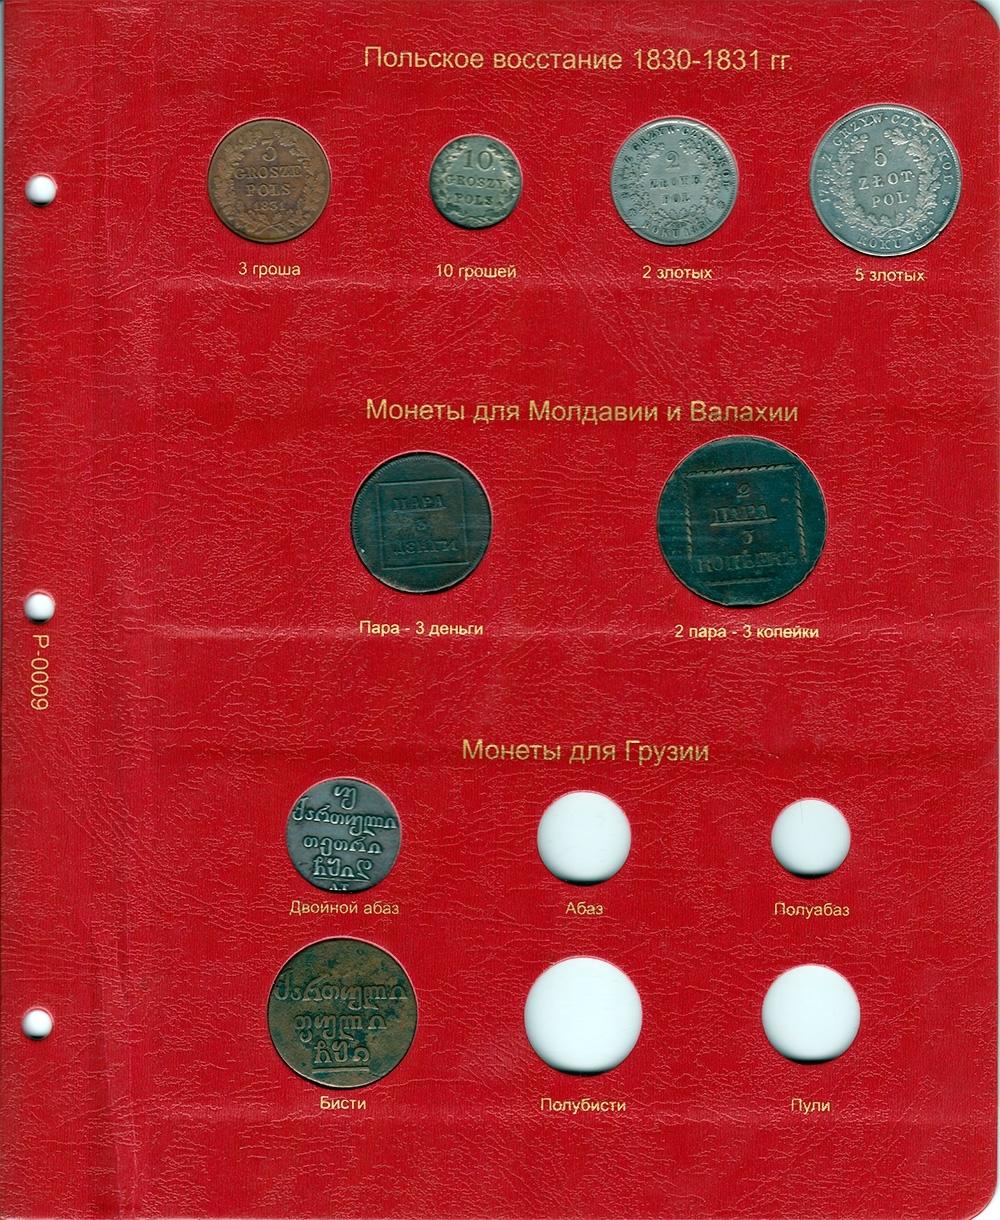 Набор листов для монет Королевства Польского в составе Российской Империи - 2